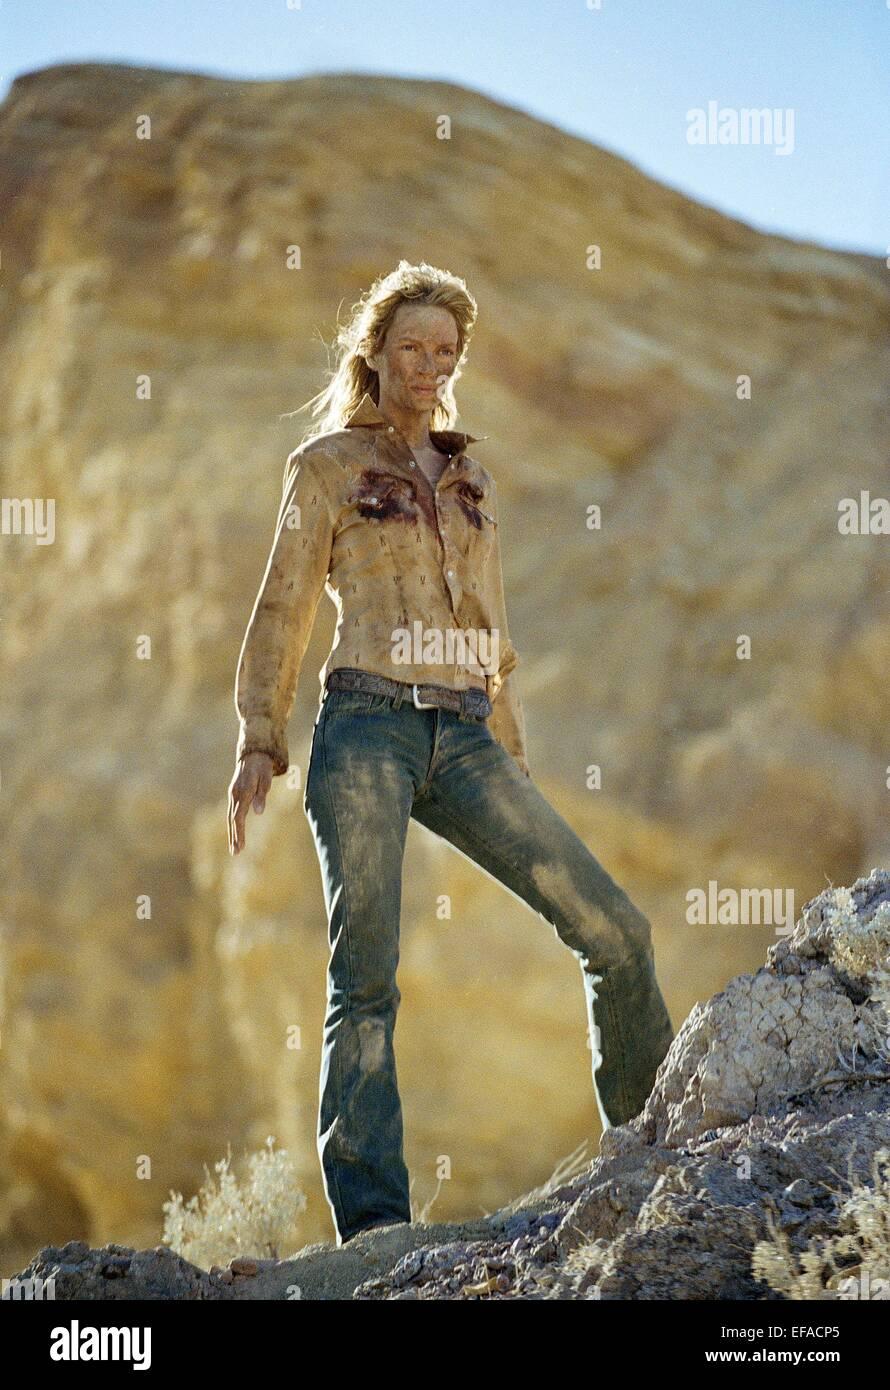 UMA THURMAN KILL BILL: VOL. 2; KILL BILL 2 (2004 Stock Photo - Alamy